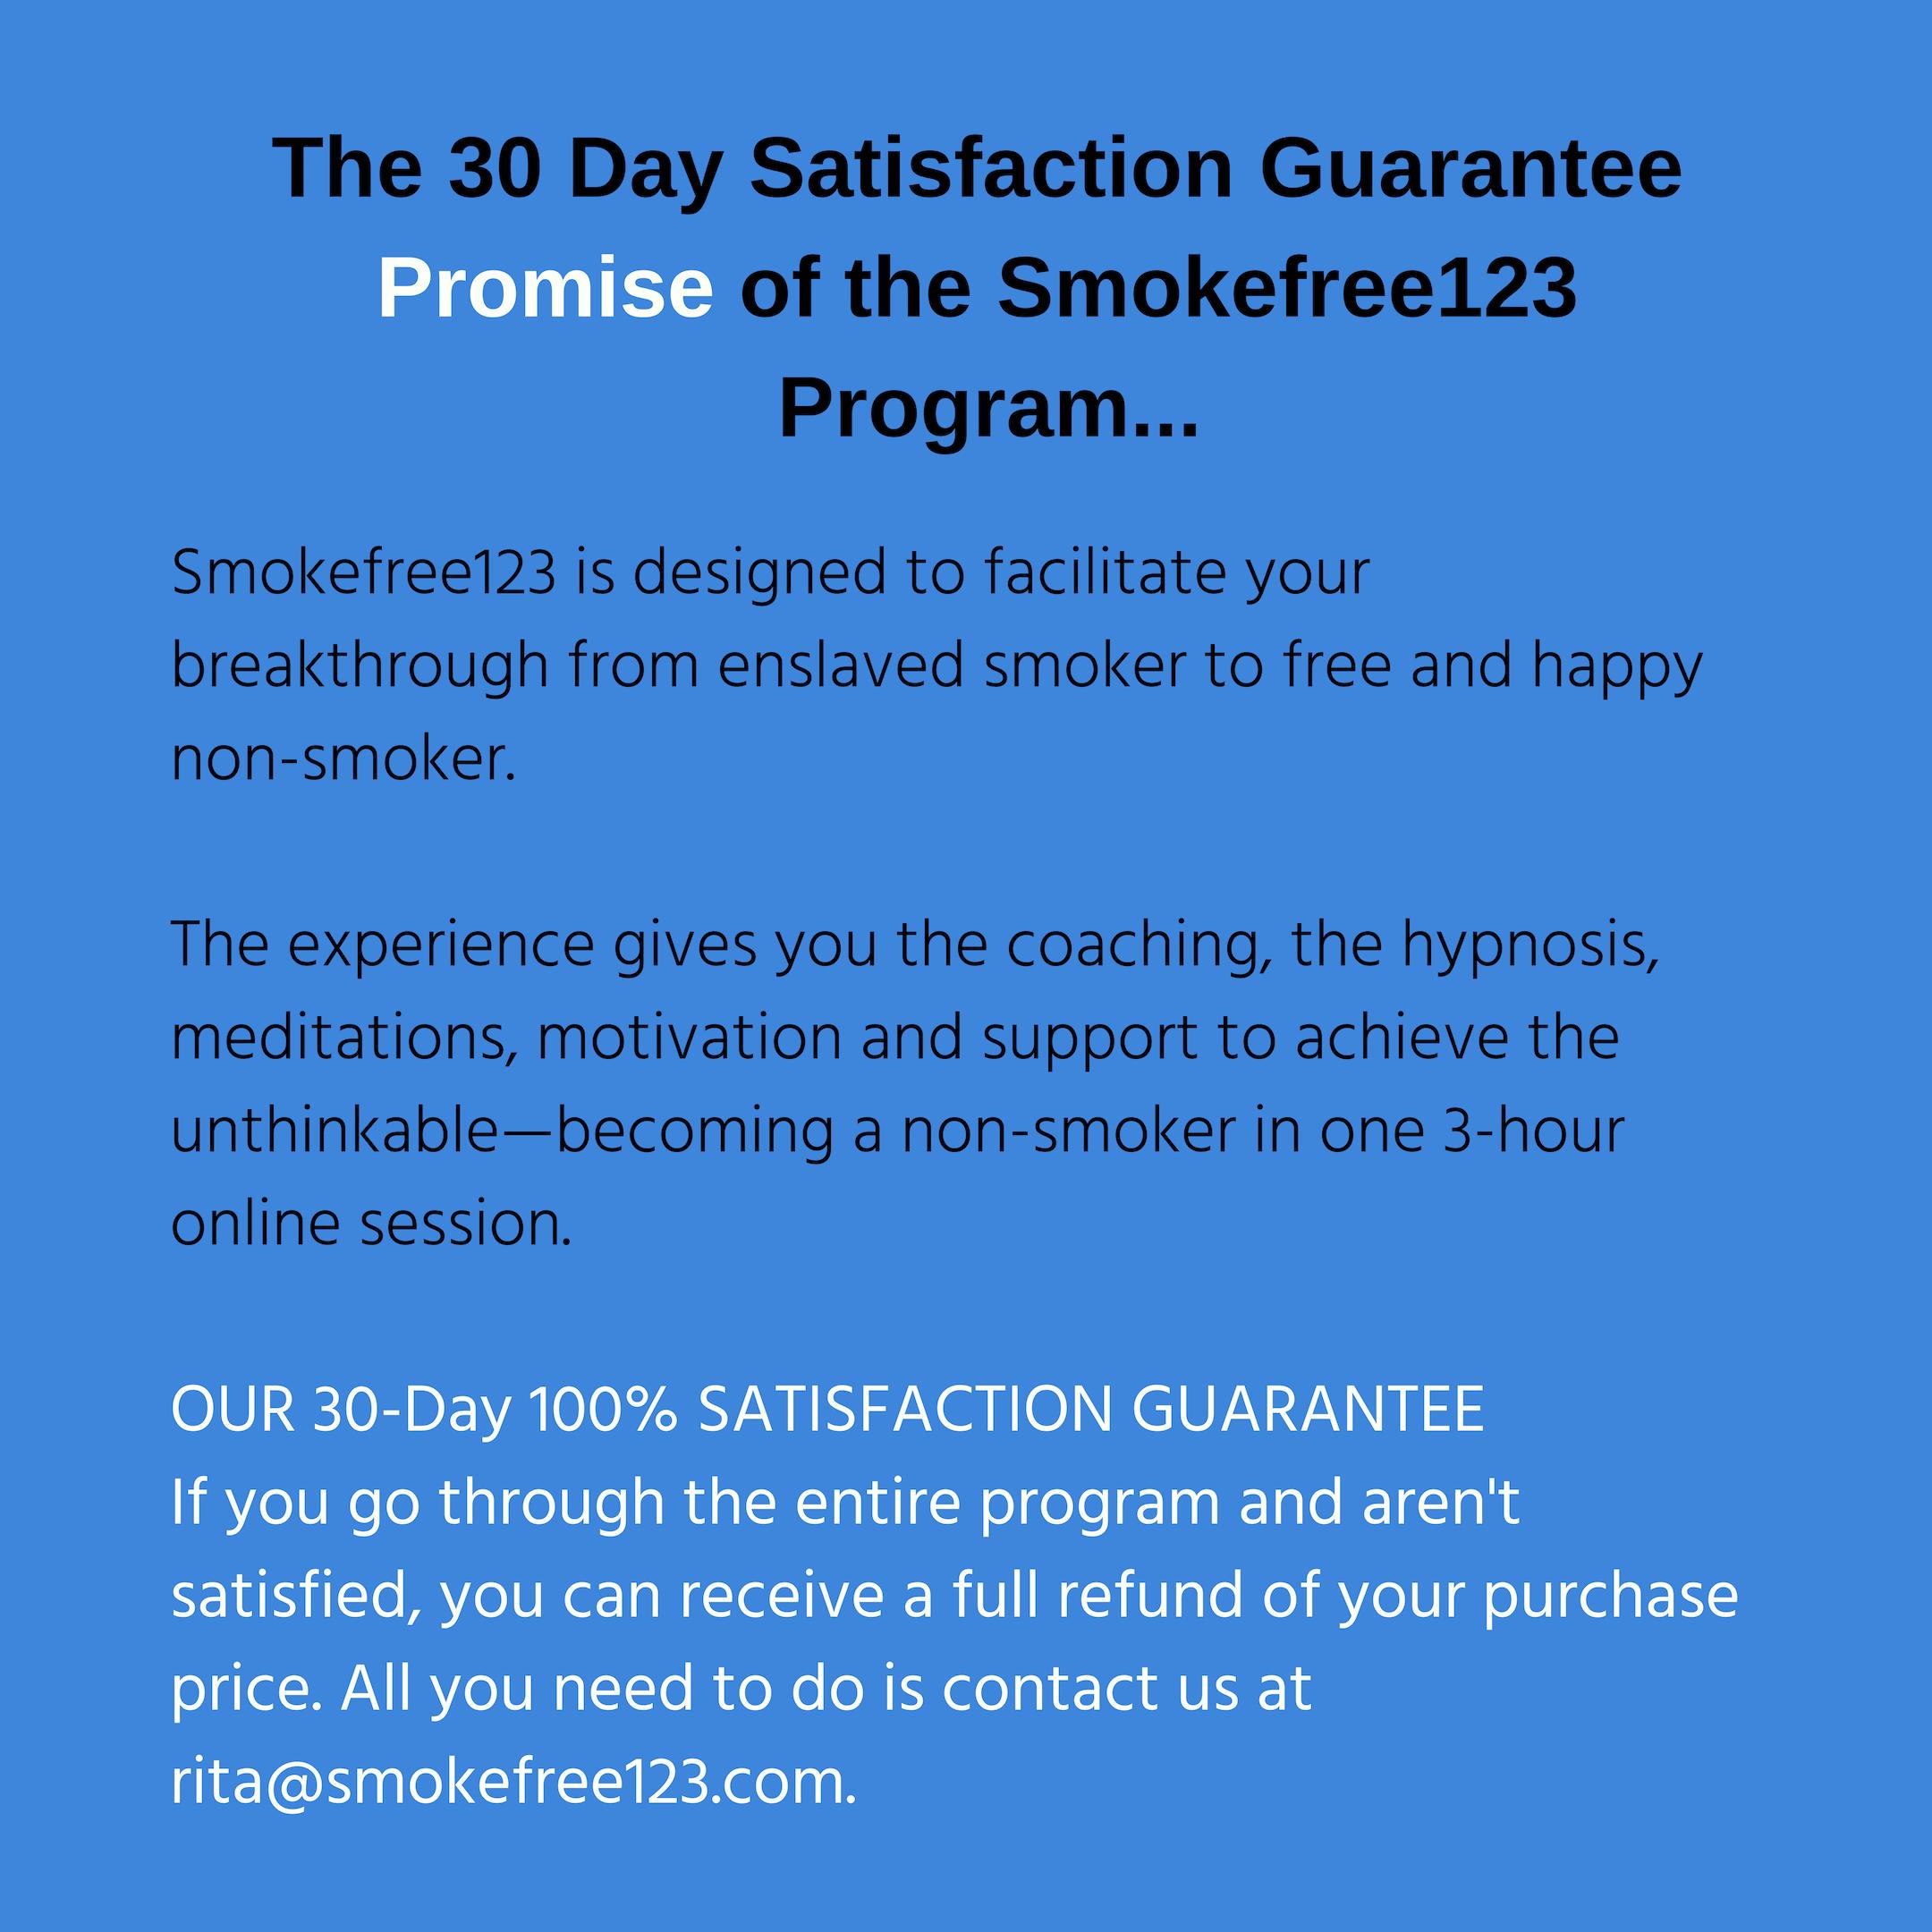 Smokefree123